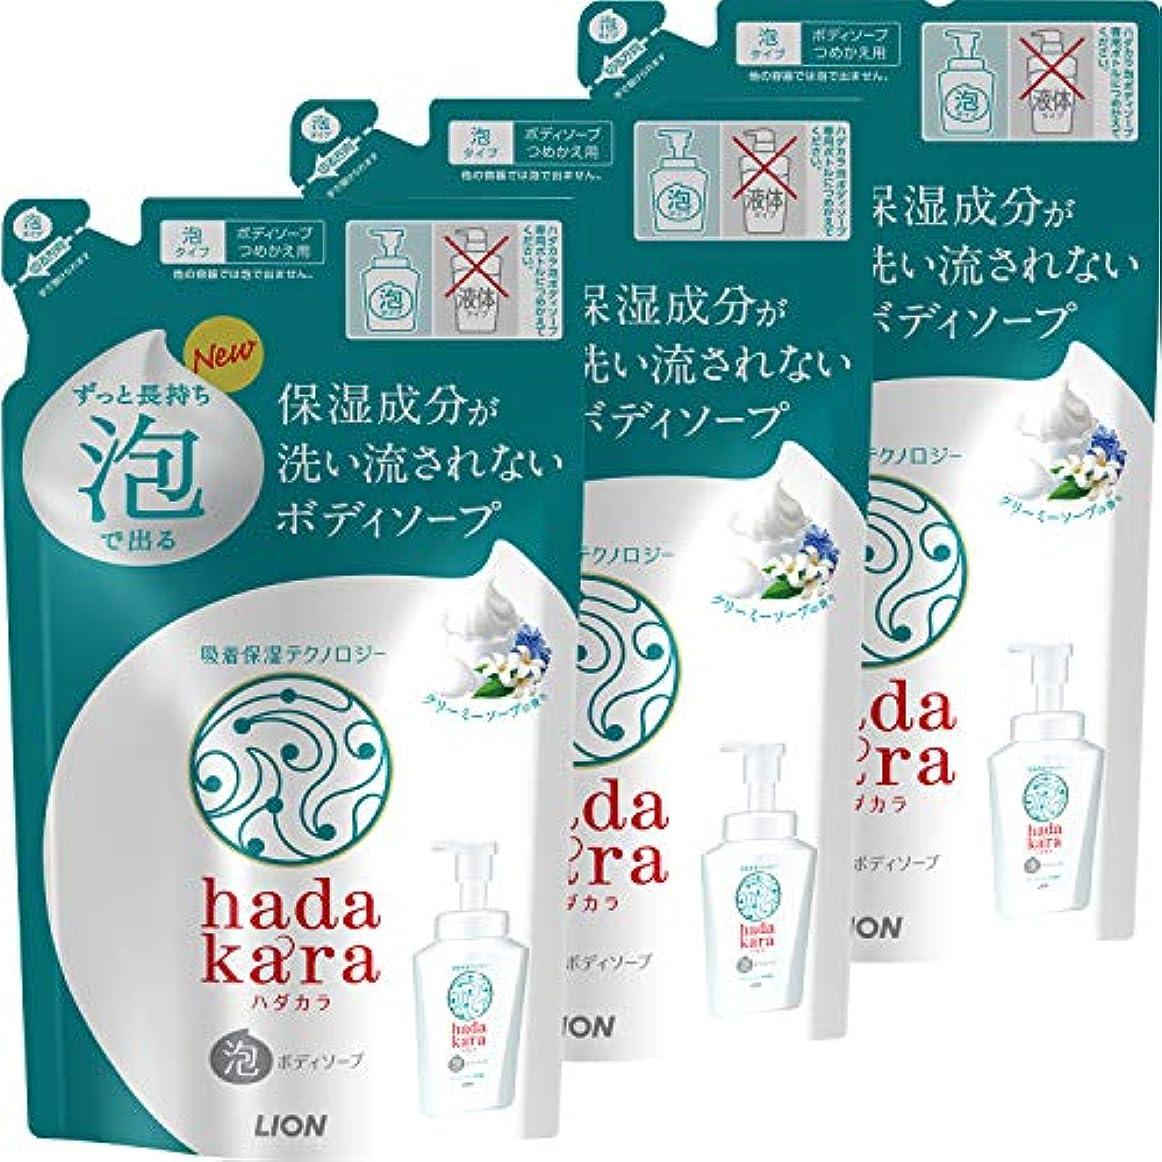 テントタブレットゲージhadakara(ハダカラ) ボディソープ 泡タイプ クリーミーソープの香り 詰替440ml×3個